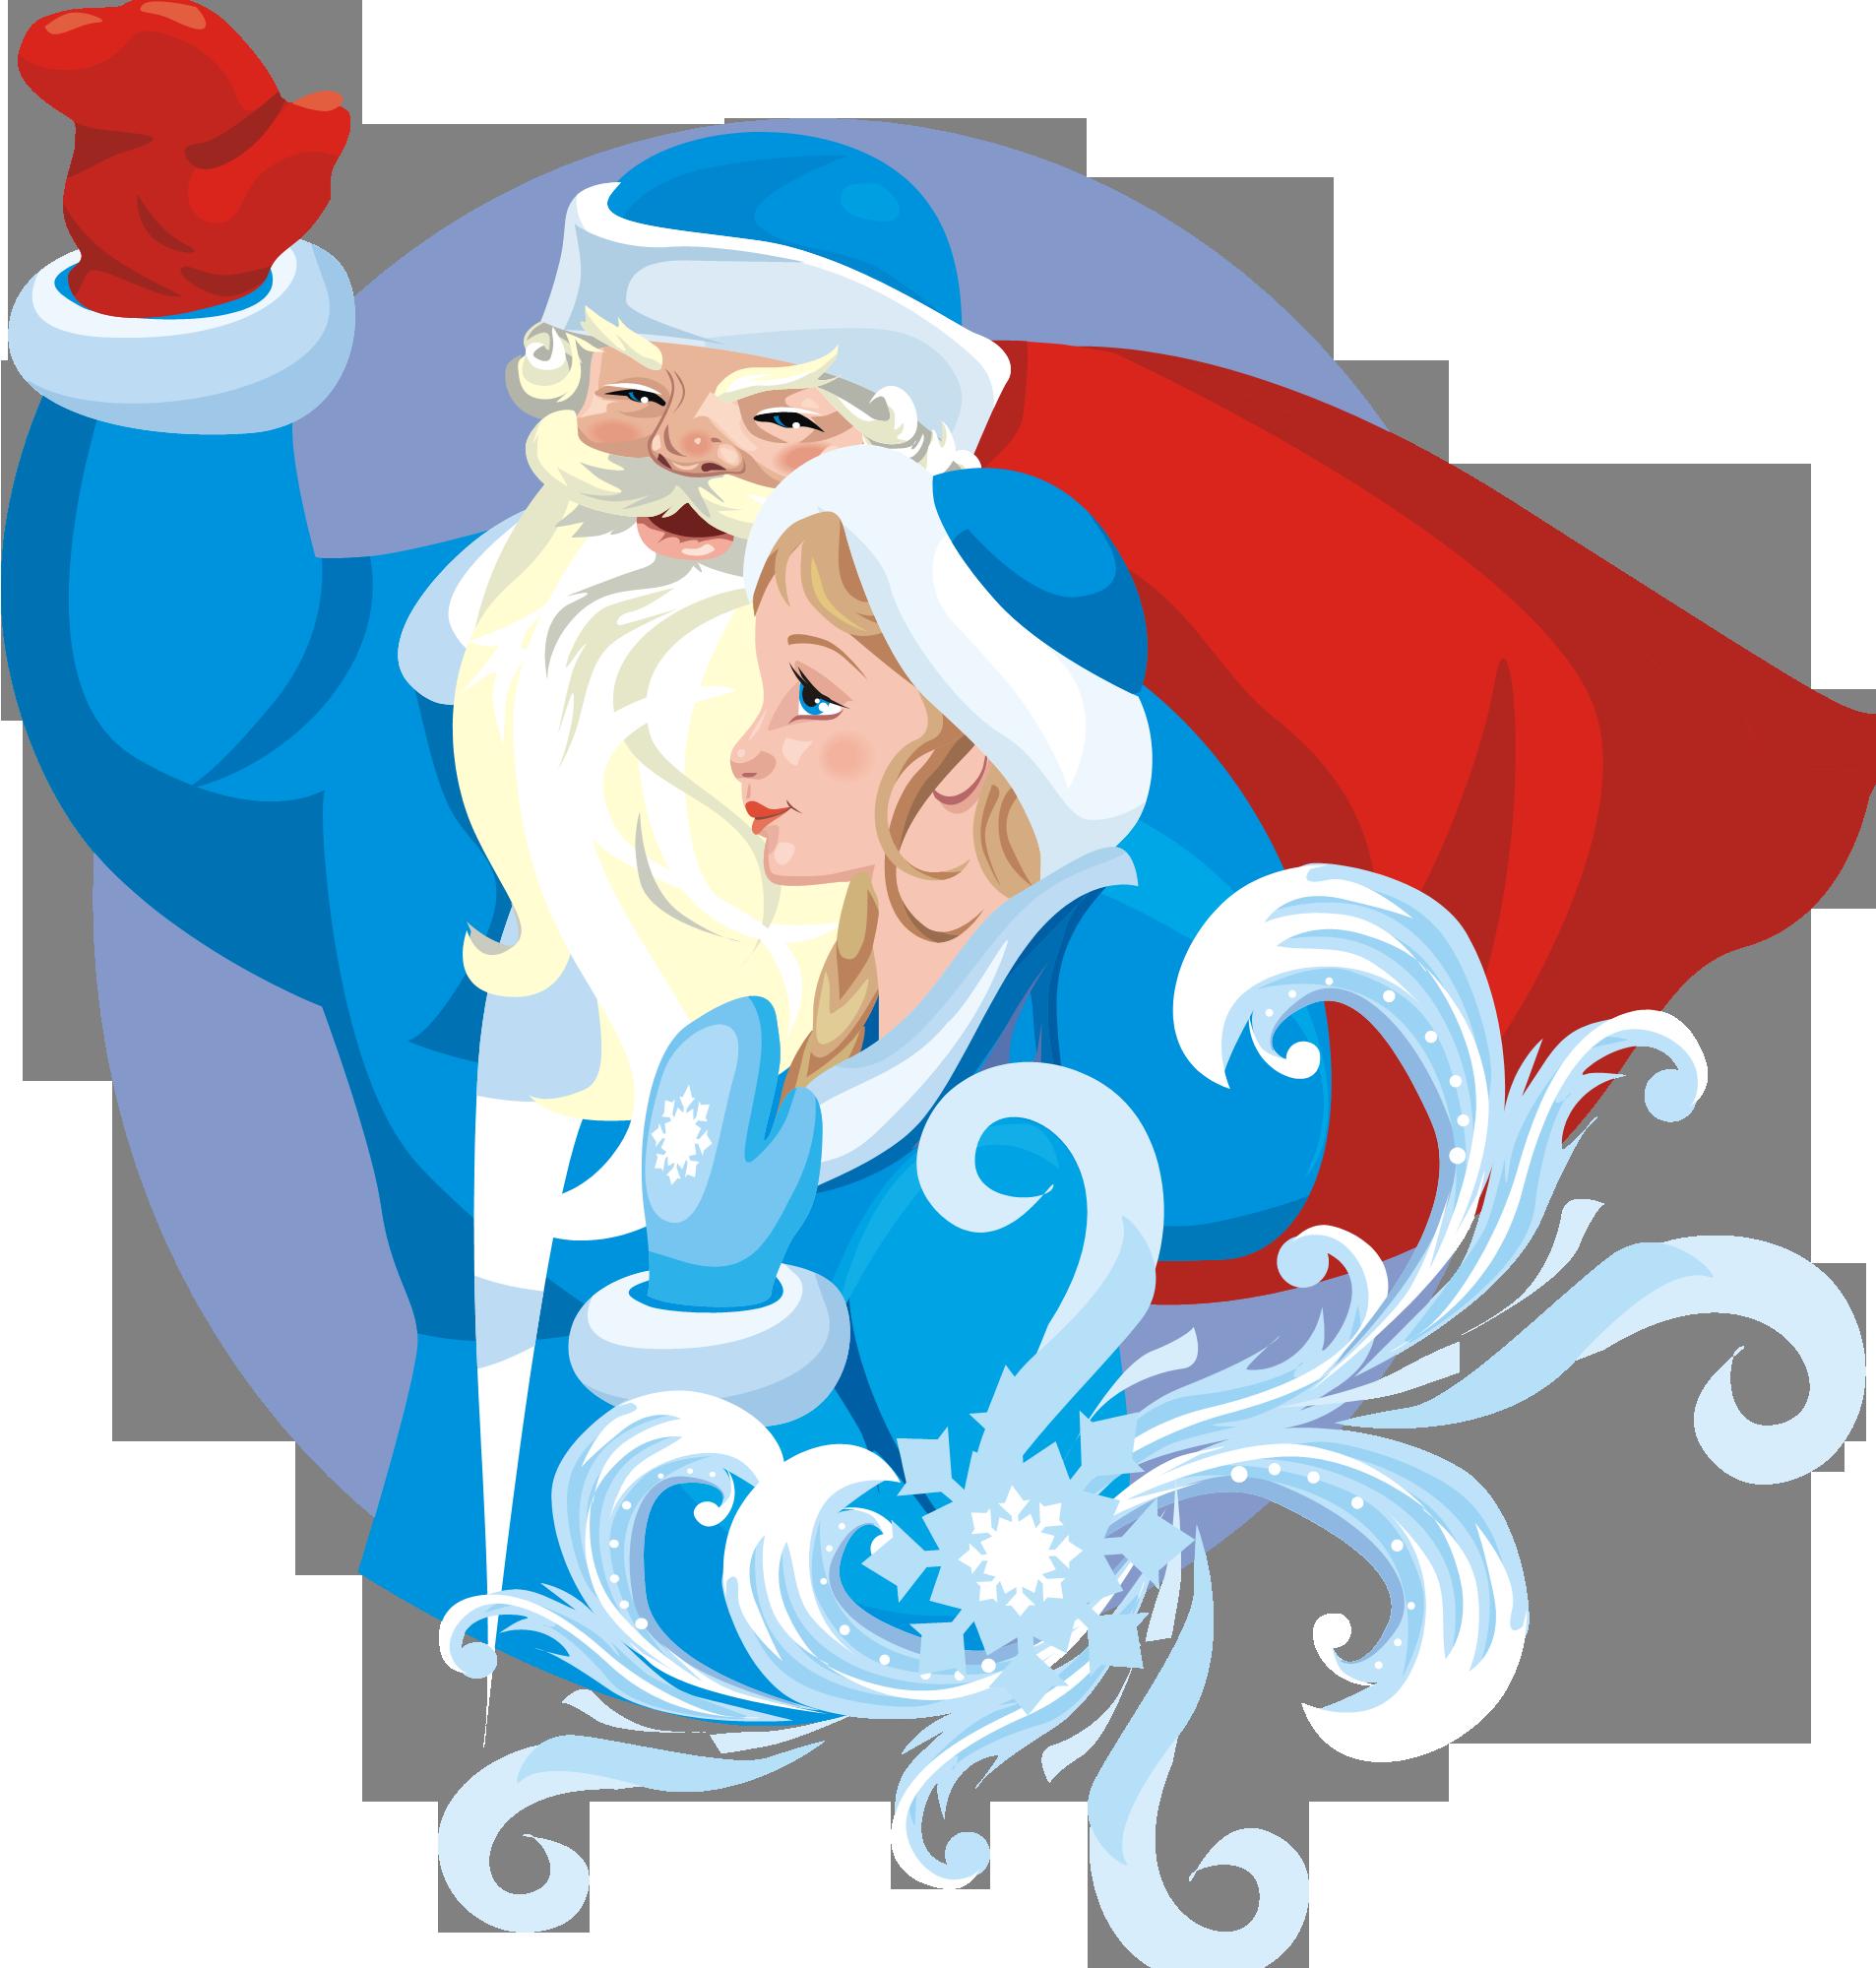 Именное письмо от Деда Мороза и Снегурочки